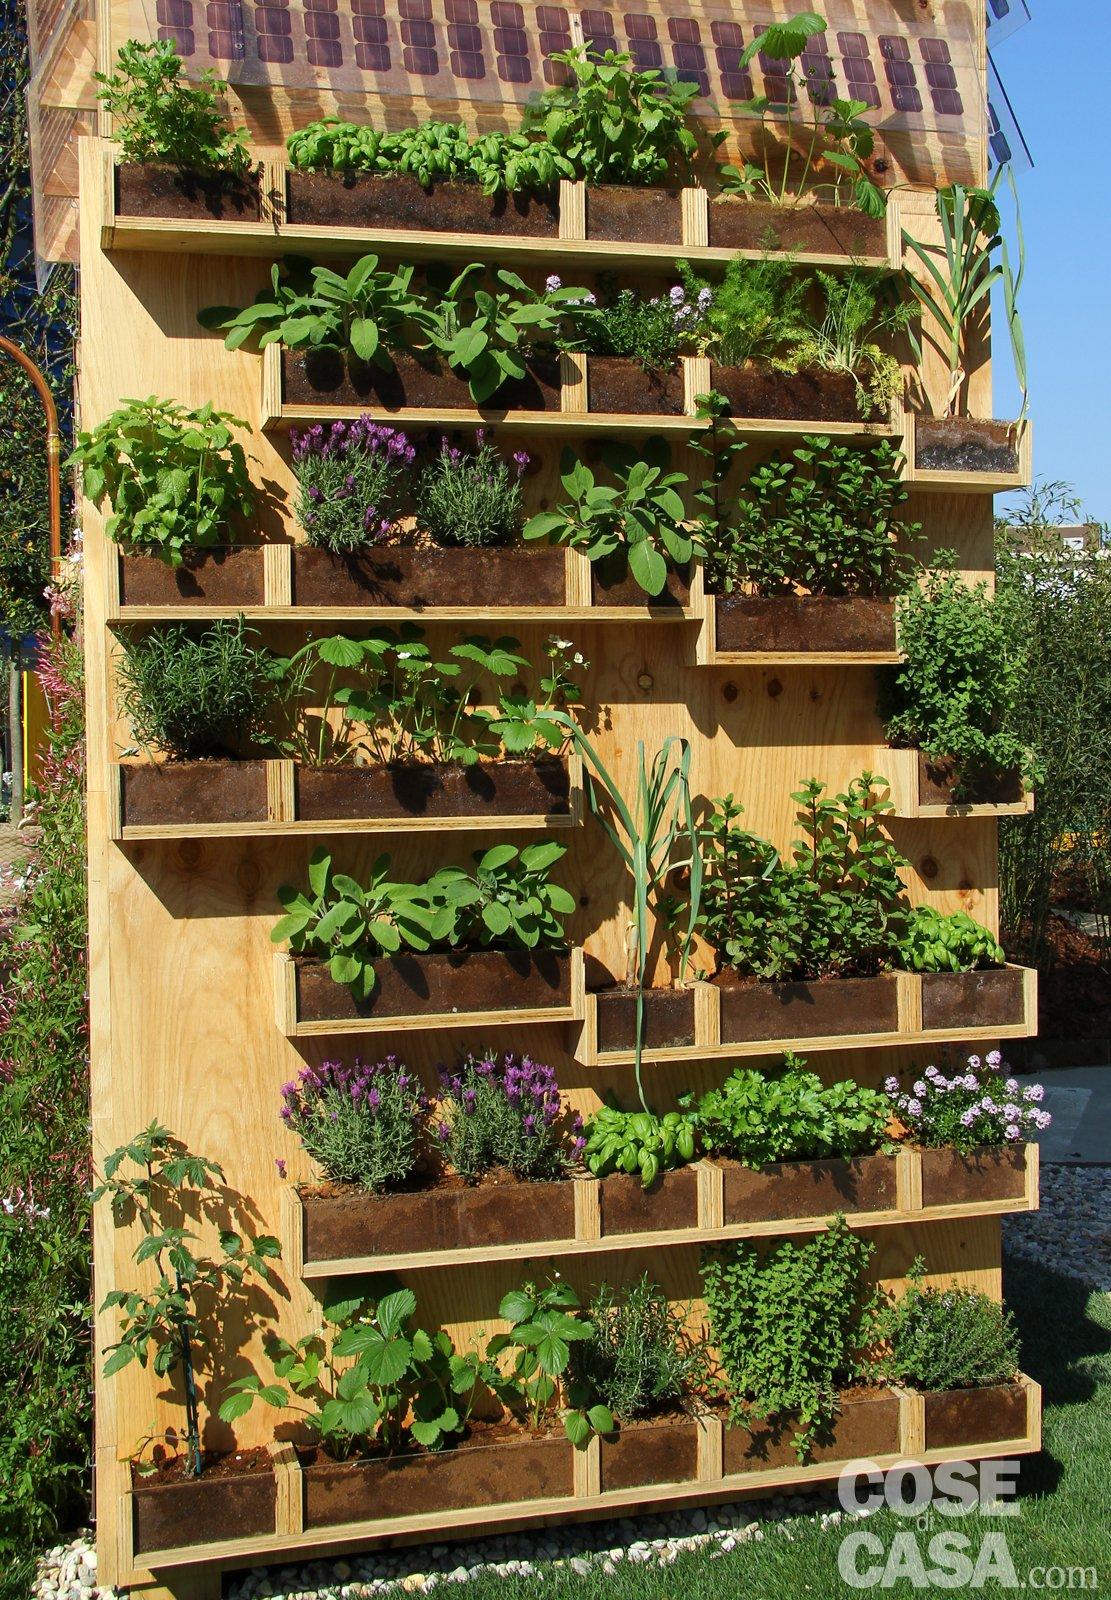 Coltivare In Casa Piante Aromatiche una parete di aromatiche in balcone - cose di casa